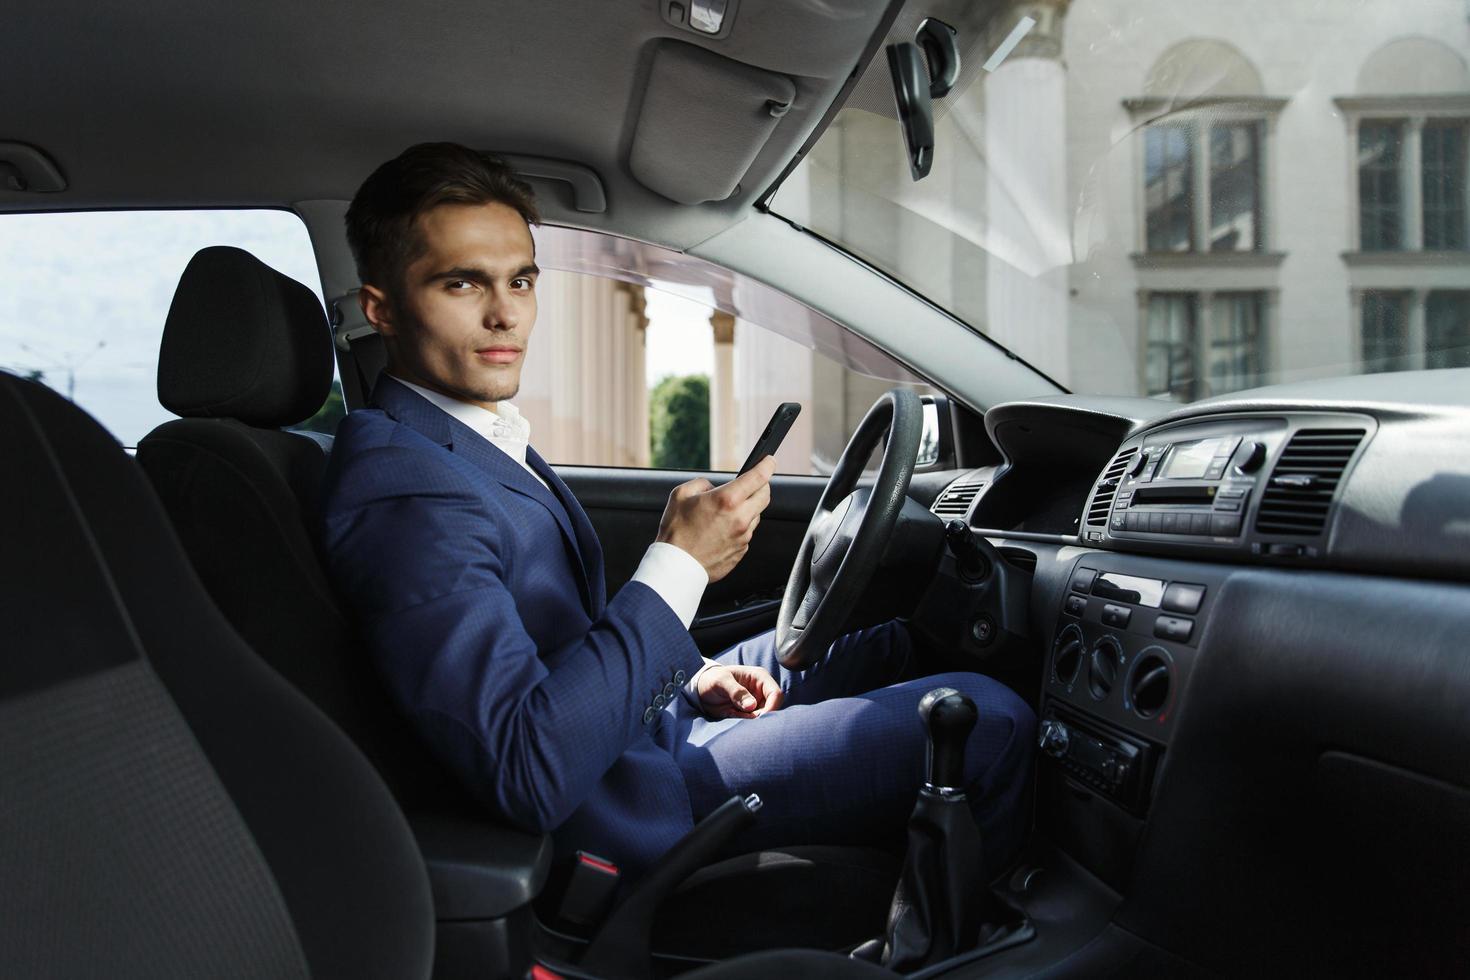 empresário sorridente senta-se dentro do carro e trabalha com seu smartphone foto